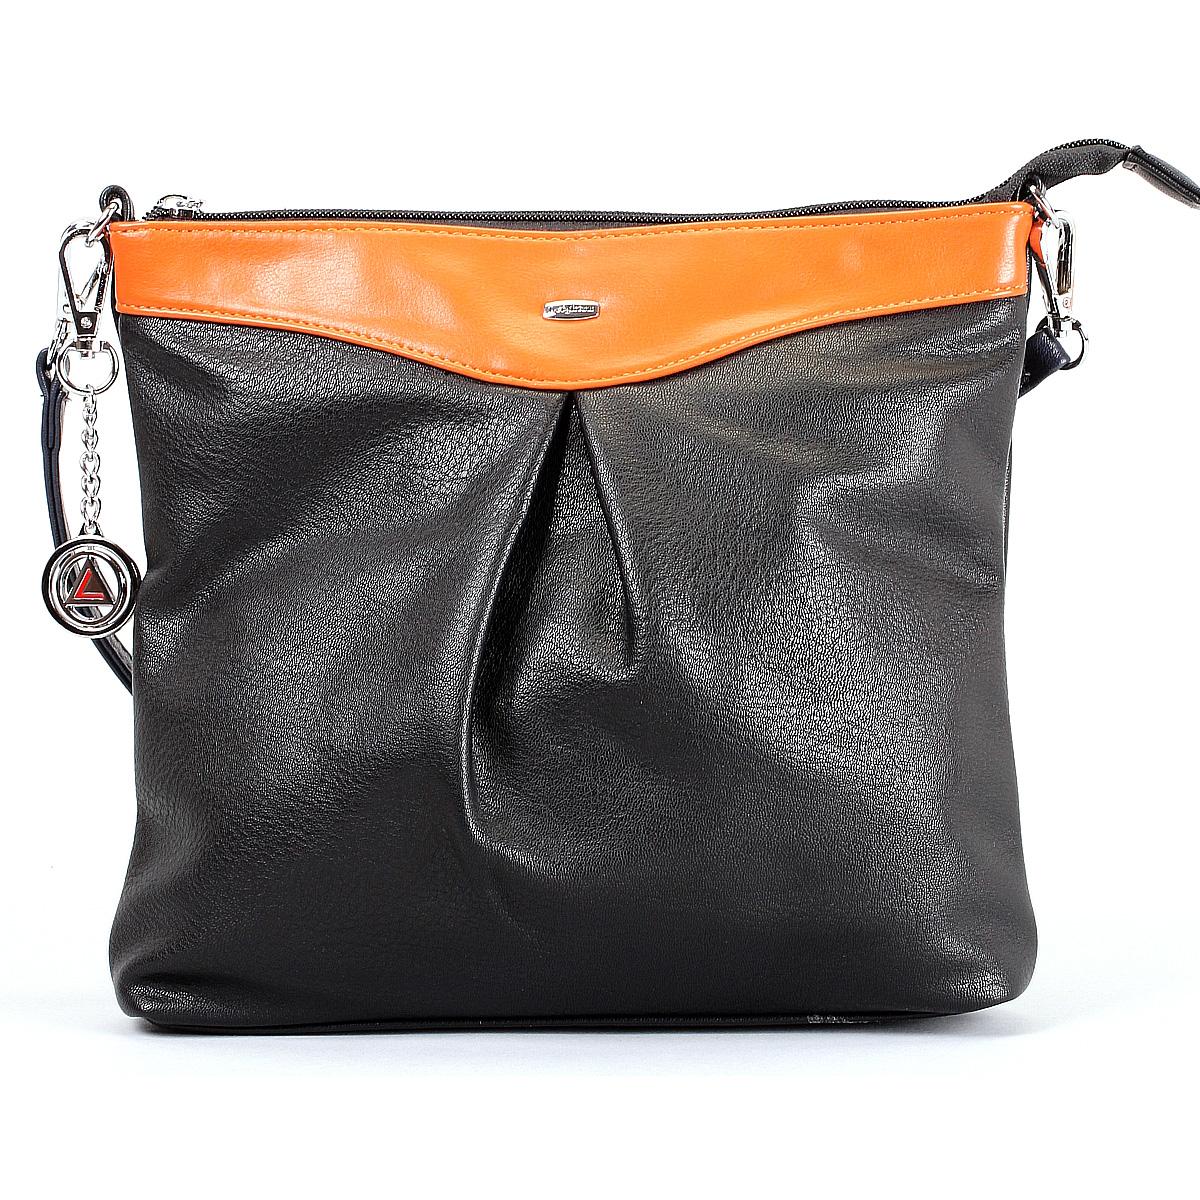 Сумка женская Leighton, цвет: черный, оранжевый, синий. 570428-3822/1/3822/2/1166/813570428-3822/1/3822/2/1166Стильная сумка Leighton выполнена из искусственной кожи с отделкой из кожи контрастного цвета. Сумка состоит из одного вместительного отделения на застежке-молнии. Внутри располагается средник на застежке-молнии, а также два открытых кармана для мелочей и один прорезной карман на молнии. Тыльная сторона сумки оснащена прорезным карманом на застежке-молнии. Сумка имеет удобный отстегивающийся наплечный ремень. Фурнитура серебристого цвета. По желанию сумку можно оформить входящей в комплект металлической подвеской с логотипом производителя. Сумка Leighton - это практичный и модный аксессуар, который станет функциональным дополнением к любому стилю. Блестящий дизайн сумки, сочетающий классические формы с оригинальным оформлением, позволит вам подчеркнуть свою индивидуальность и сделает ваш образ изысканным и завершенным.